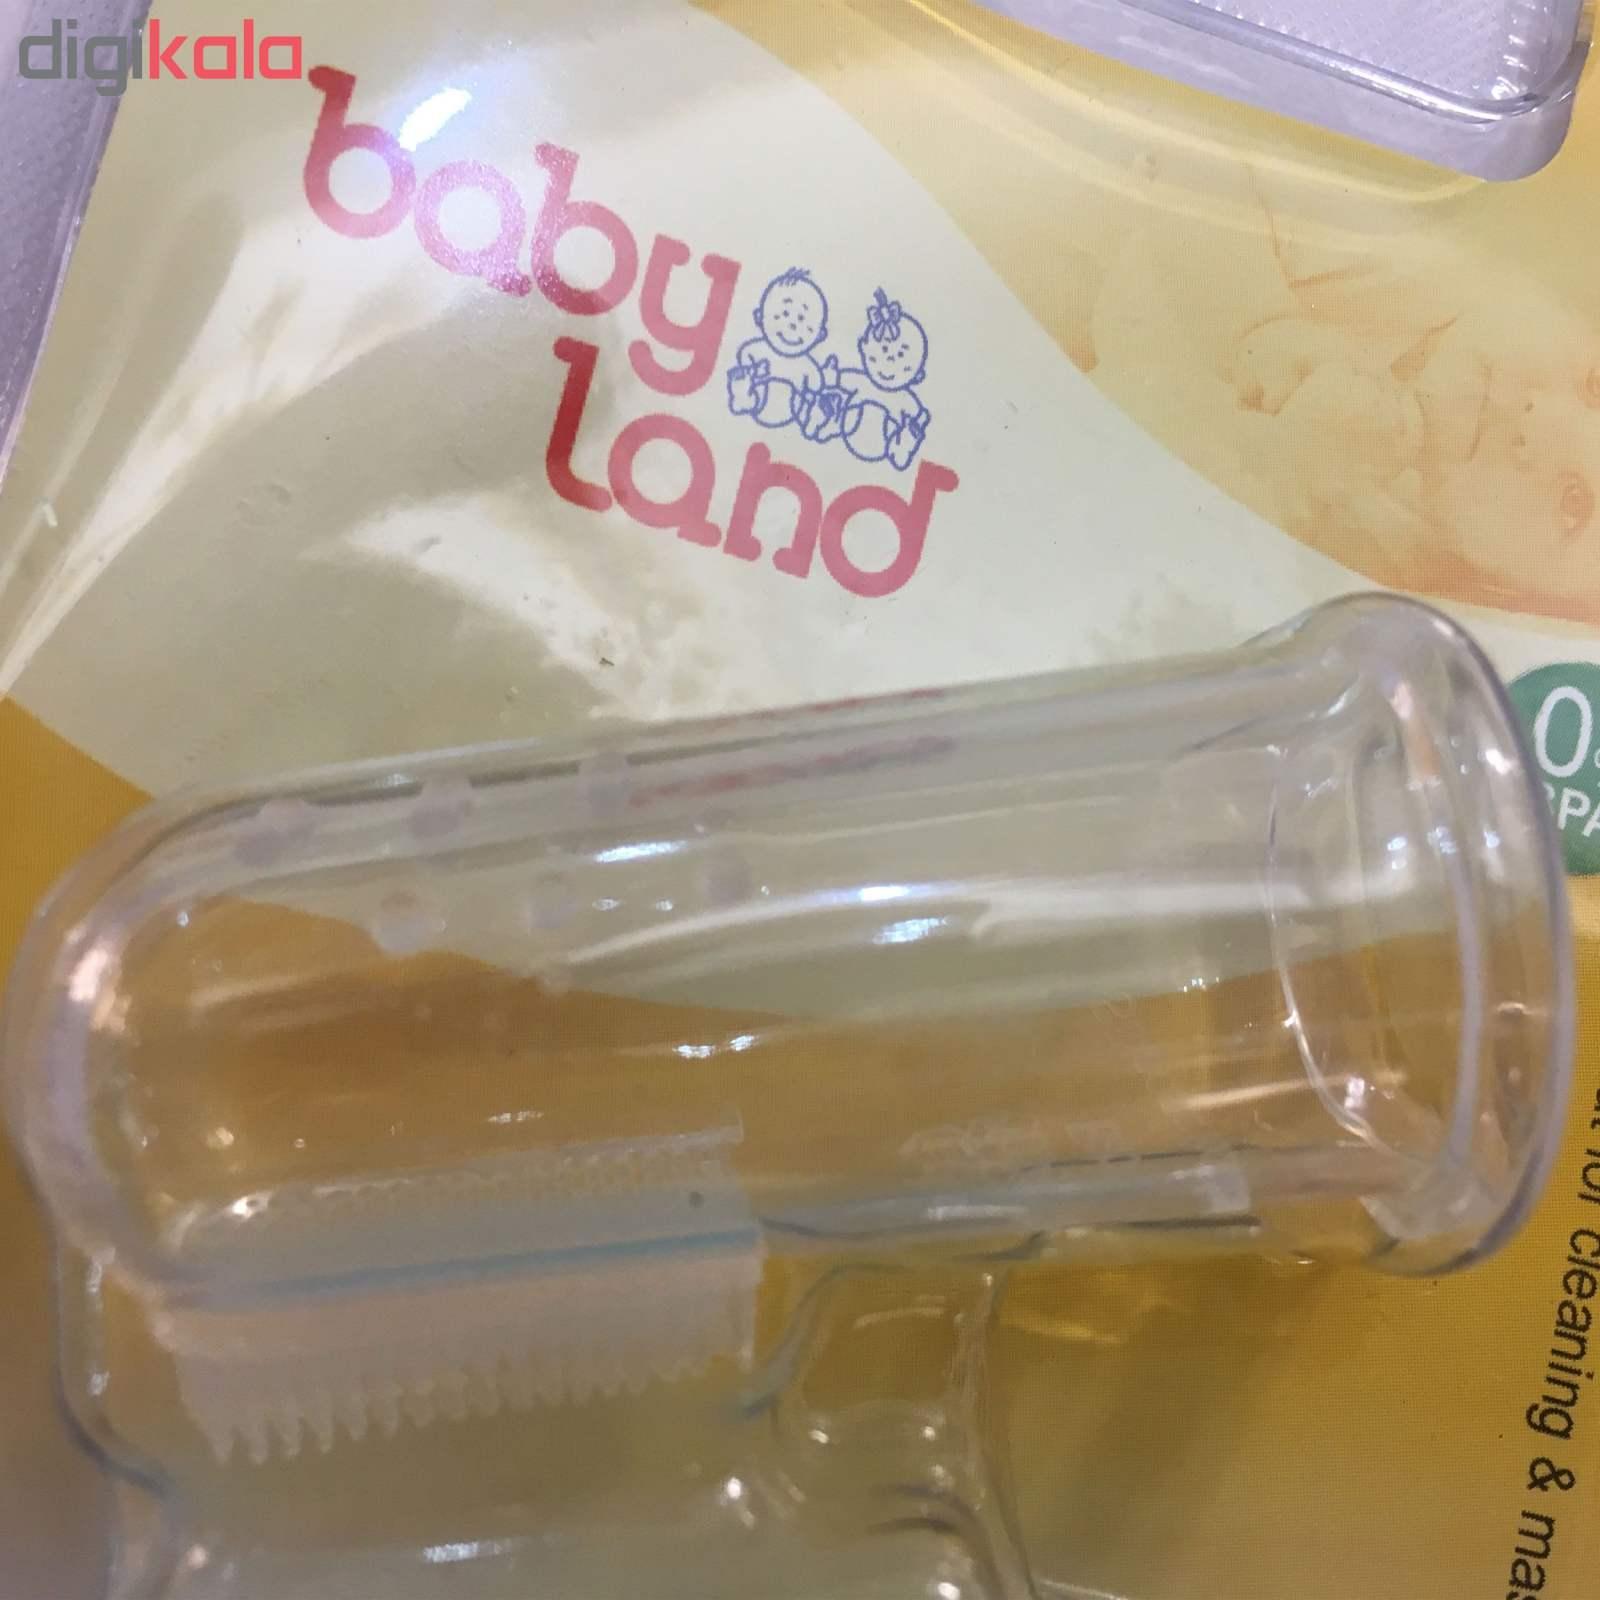 مسواک انگشتی نوزادی بیبی لند مدل 5004 main 1 3